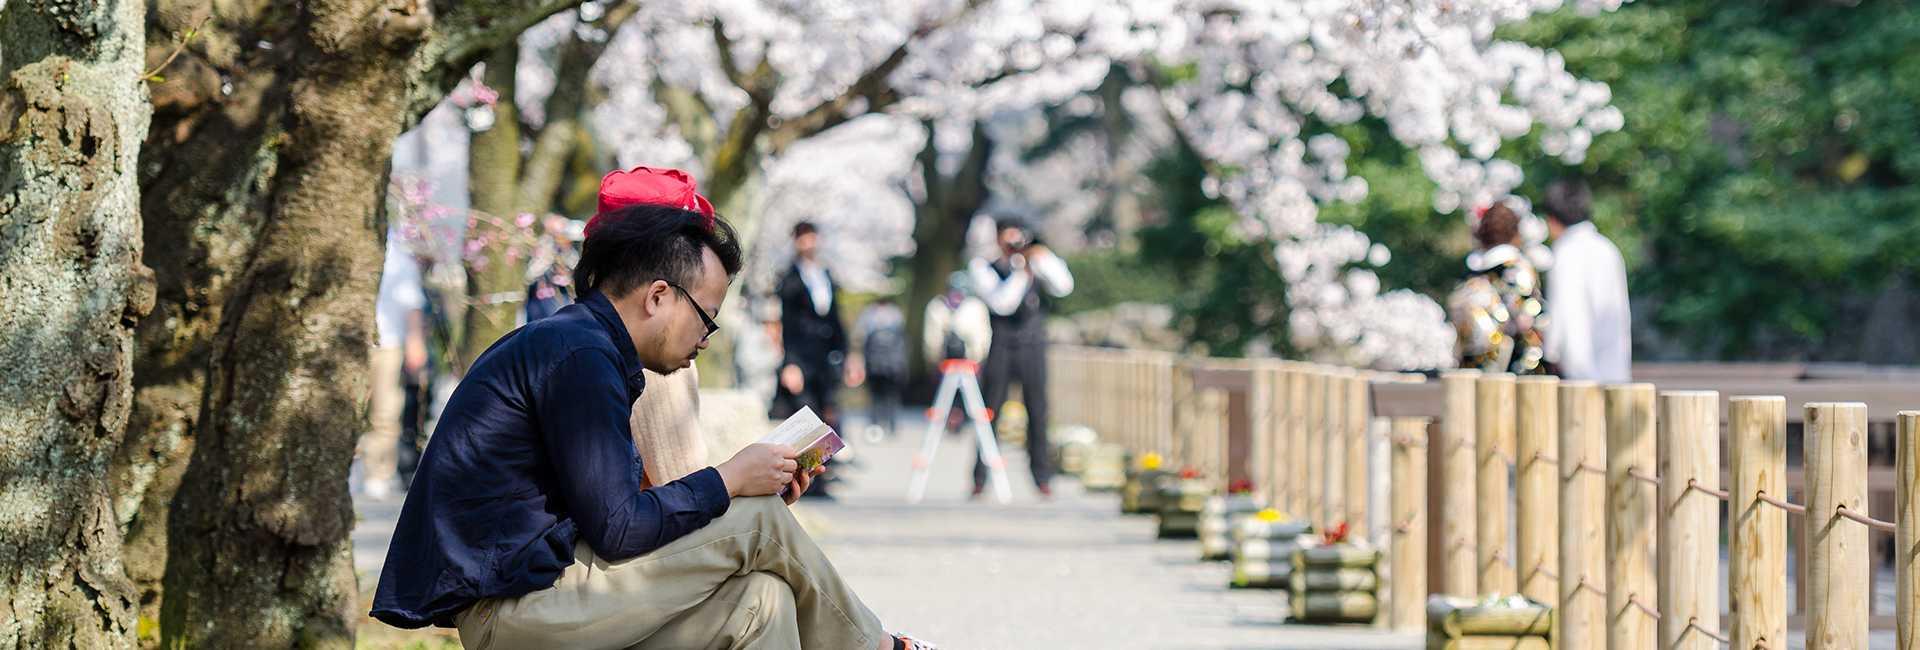 lecture sous un cerisier en fleurs à Kanazawa